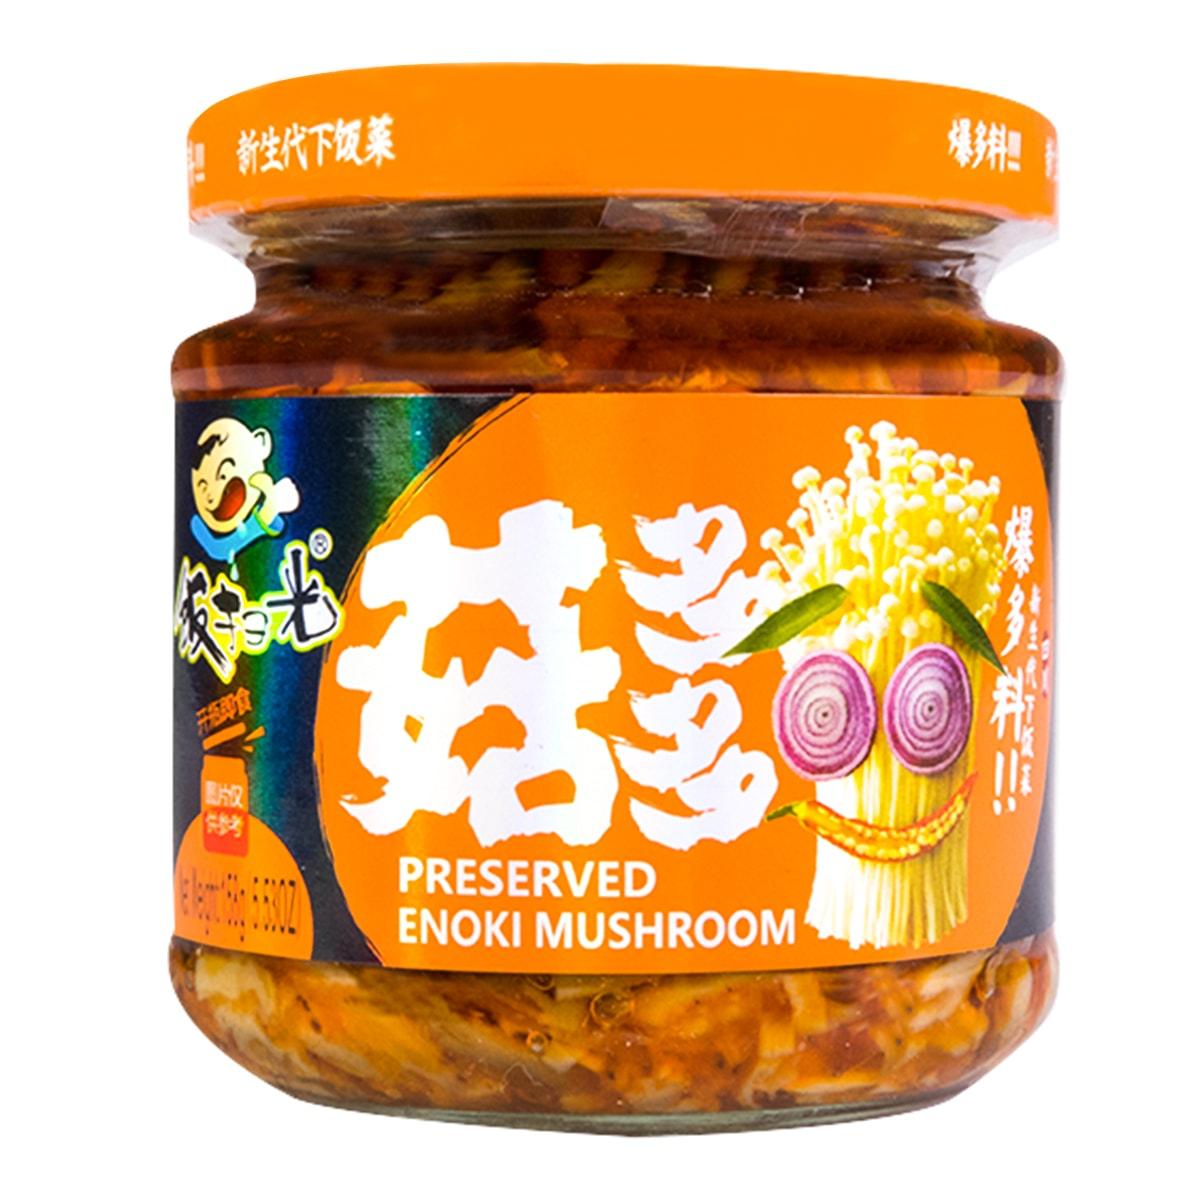 四川高福记 饭扫光 爆炒金针菇 菇多多 158g 怎么样 - 亚米网